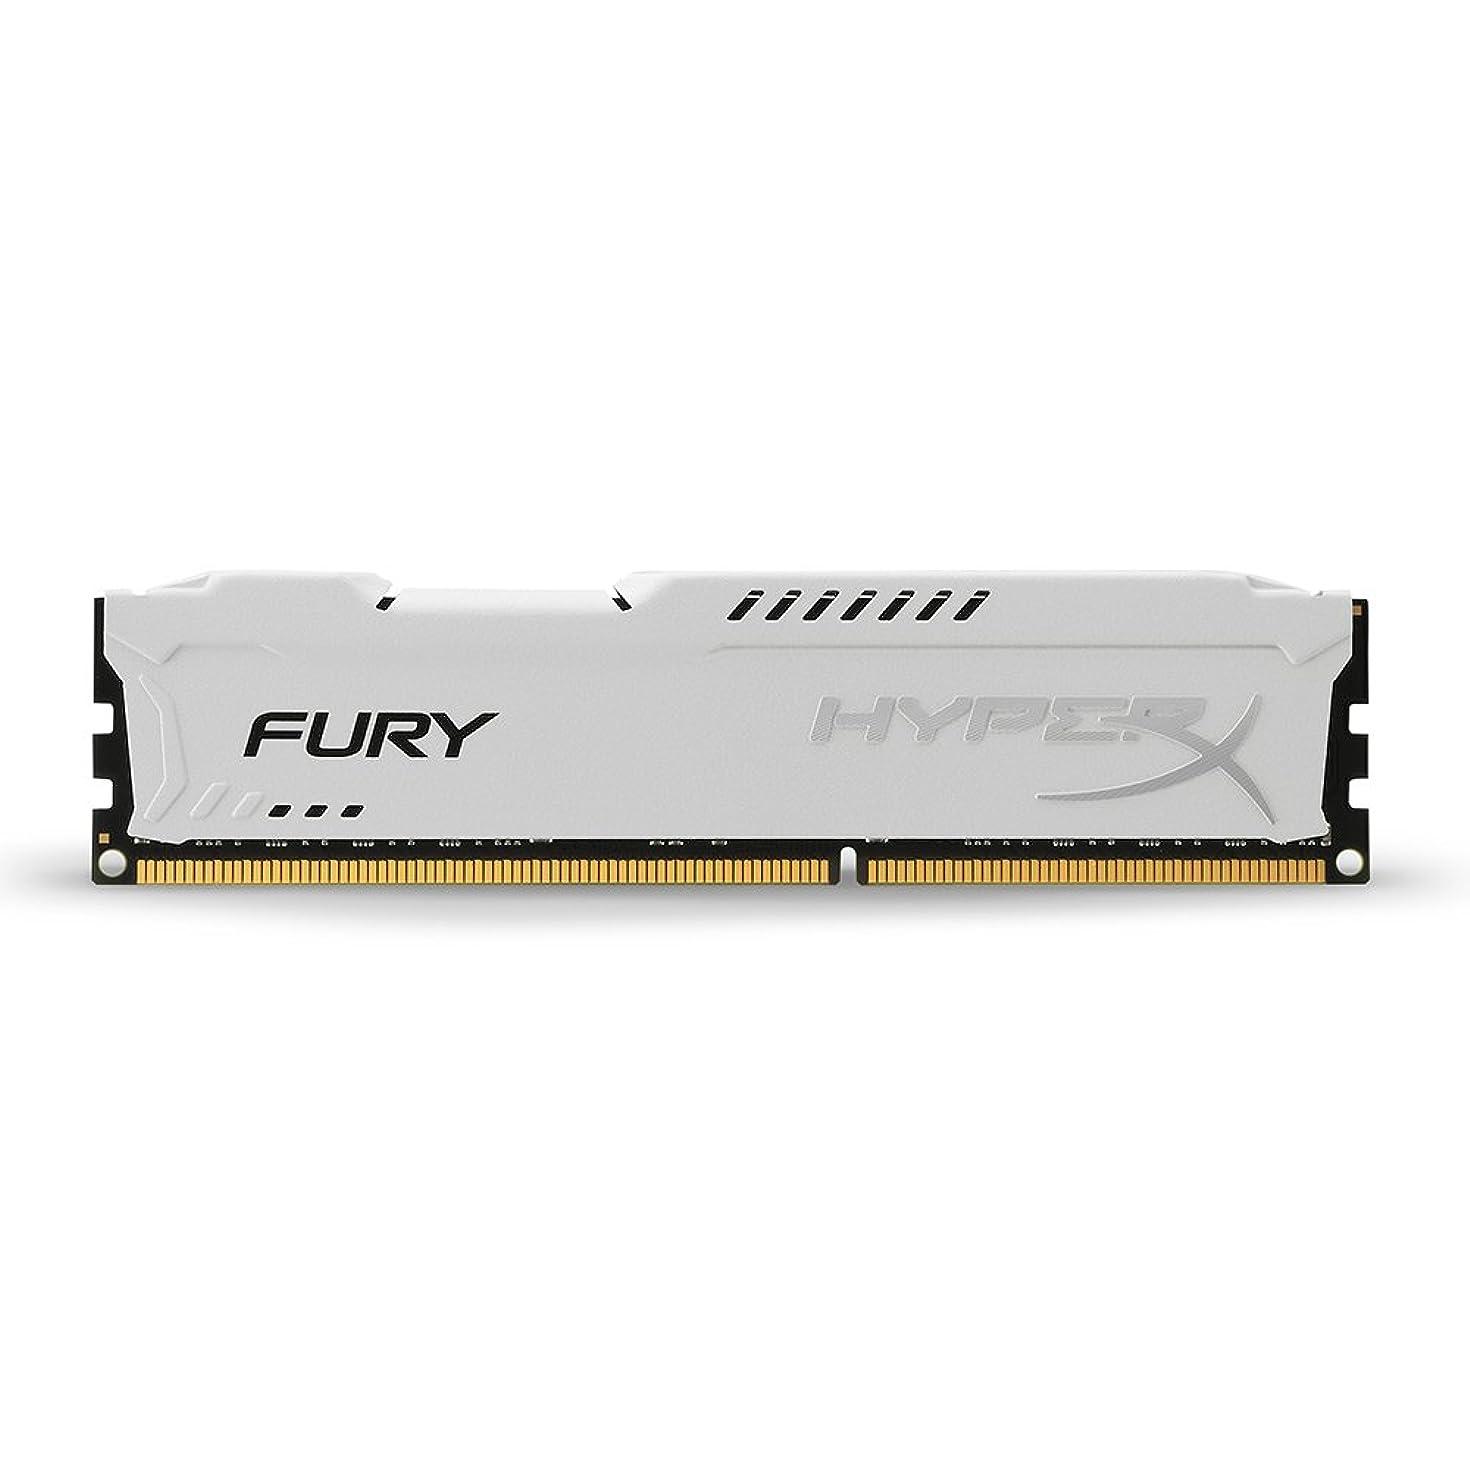 Kingston HyperX FURY 8GB 1600MHz DDR3 CL10 DIMM - White (HX316C10FW/8)